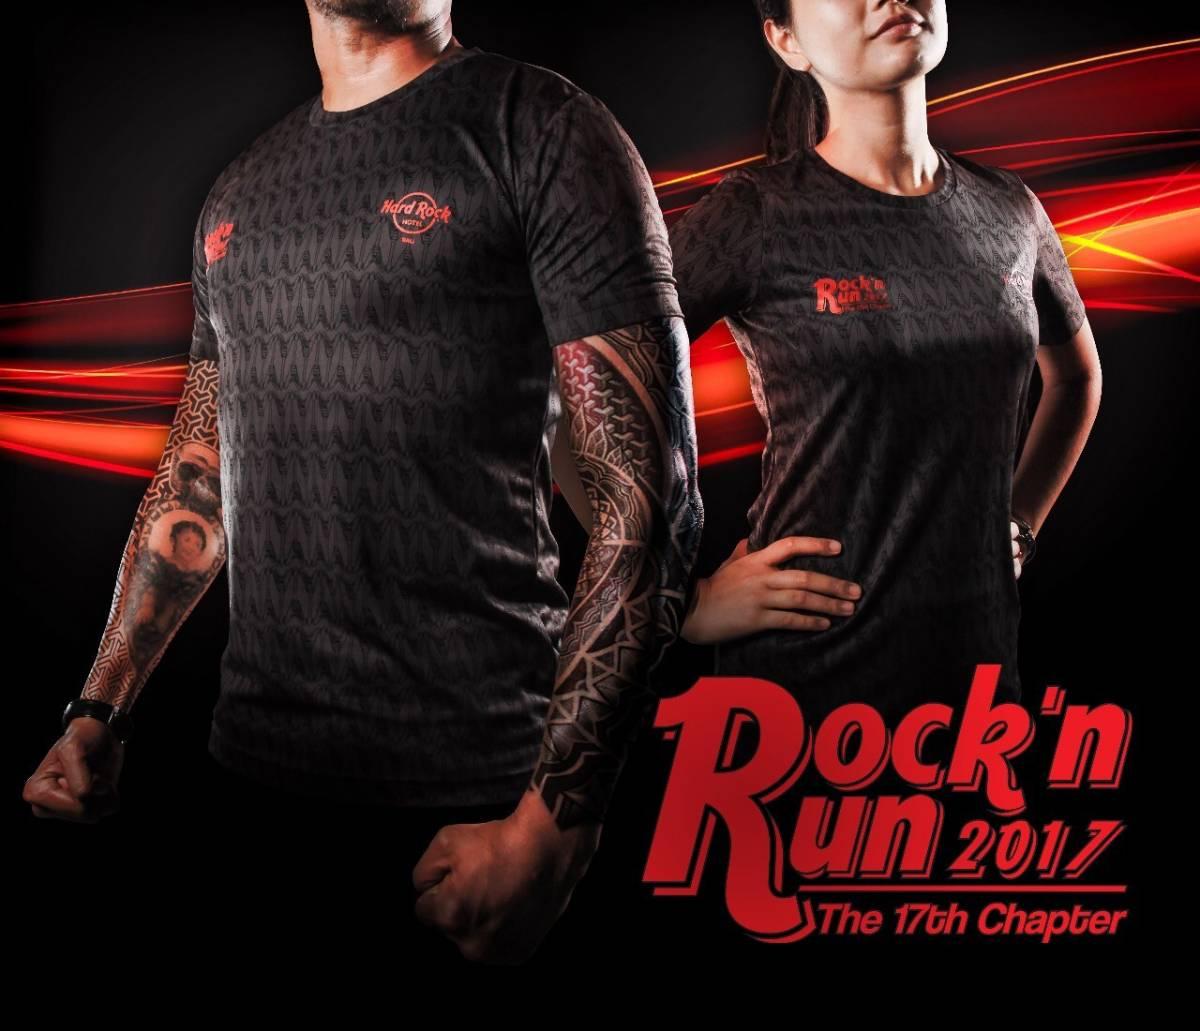 Jersey_Rock_N_Run